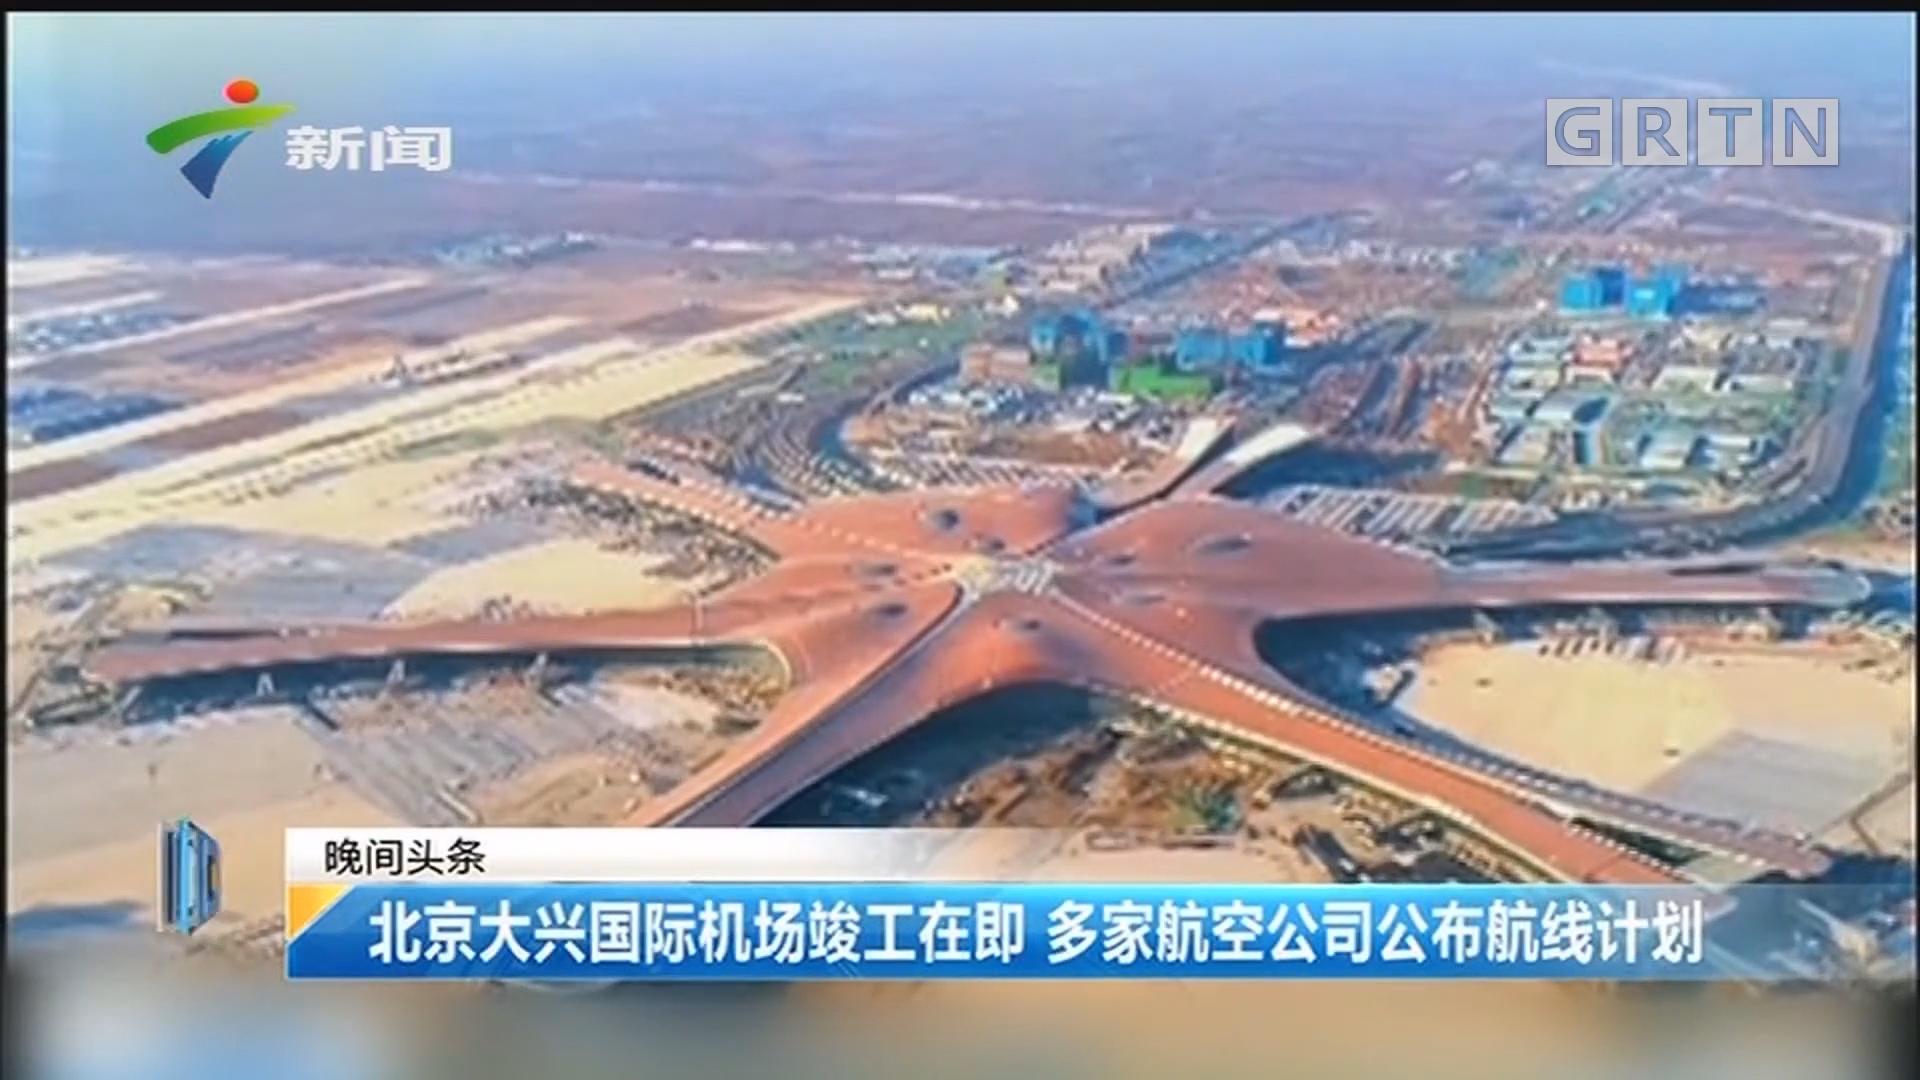 北京大兴国际机场竣工在即 多家航空公司公布航线计划